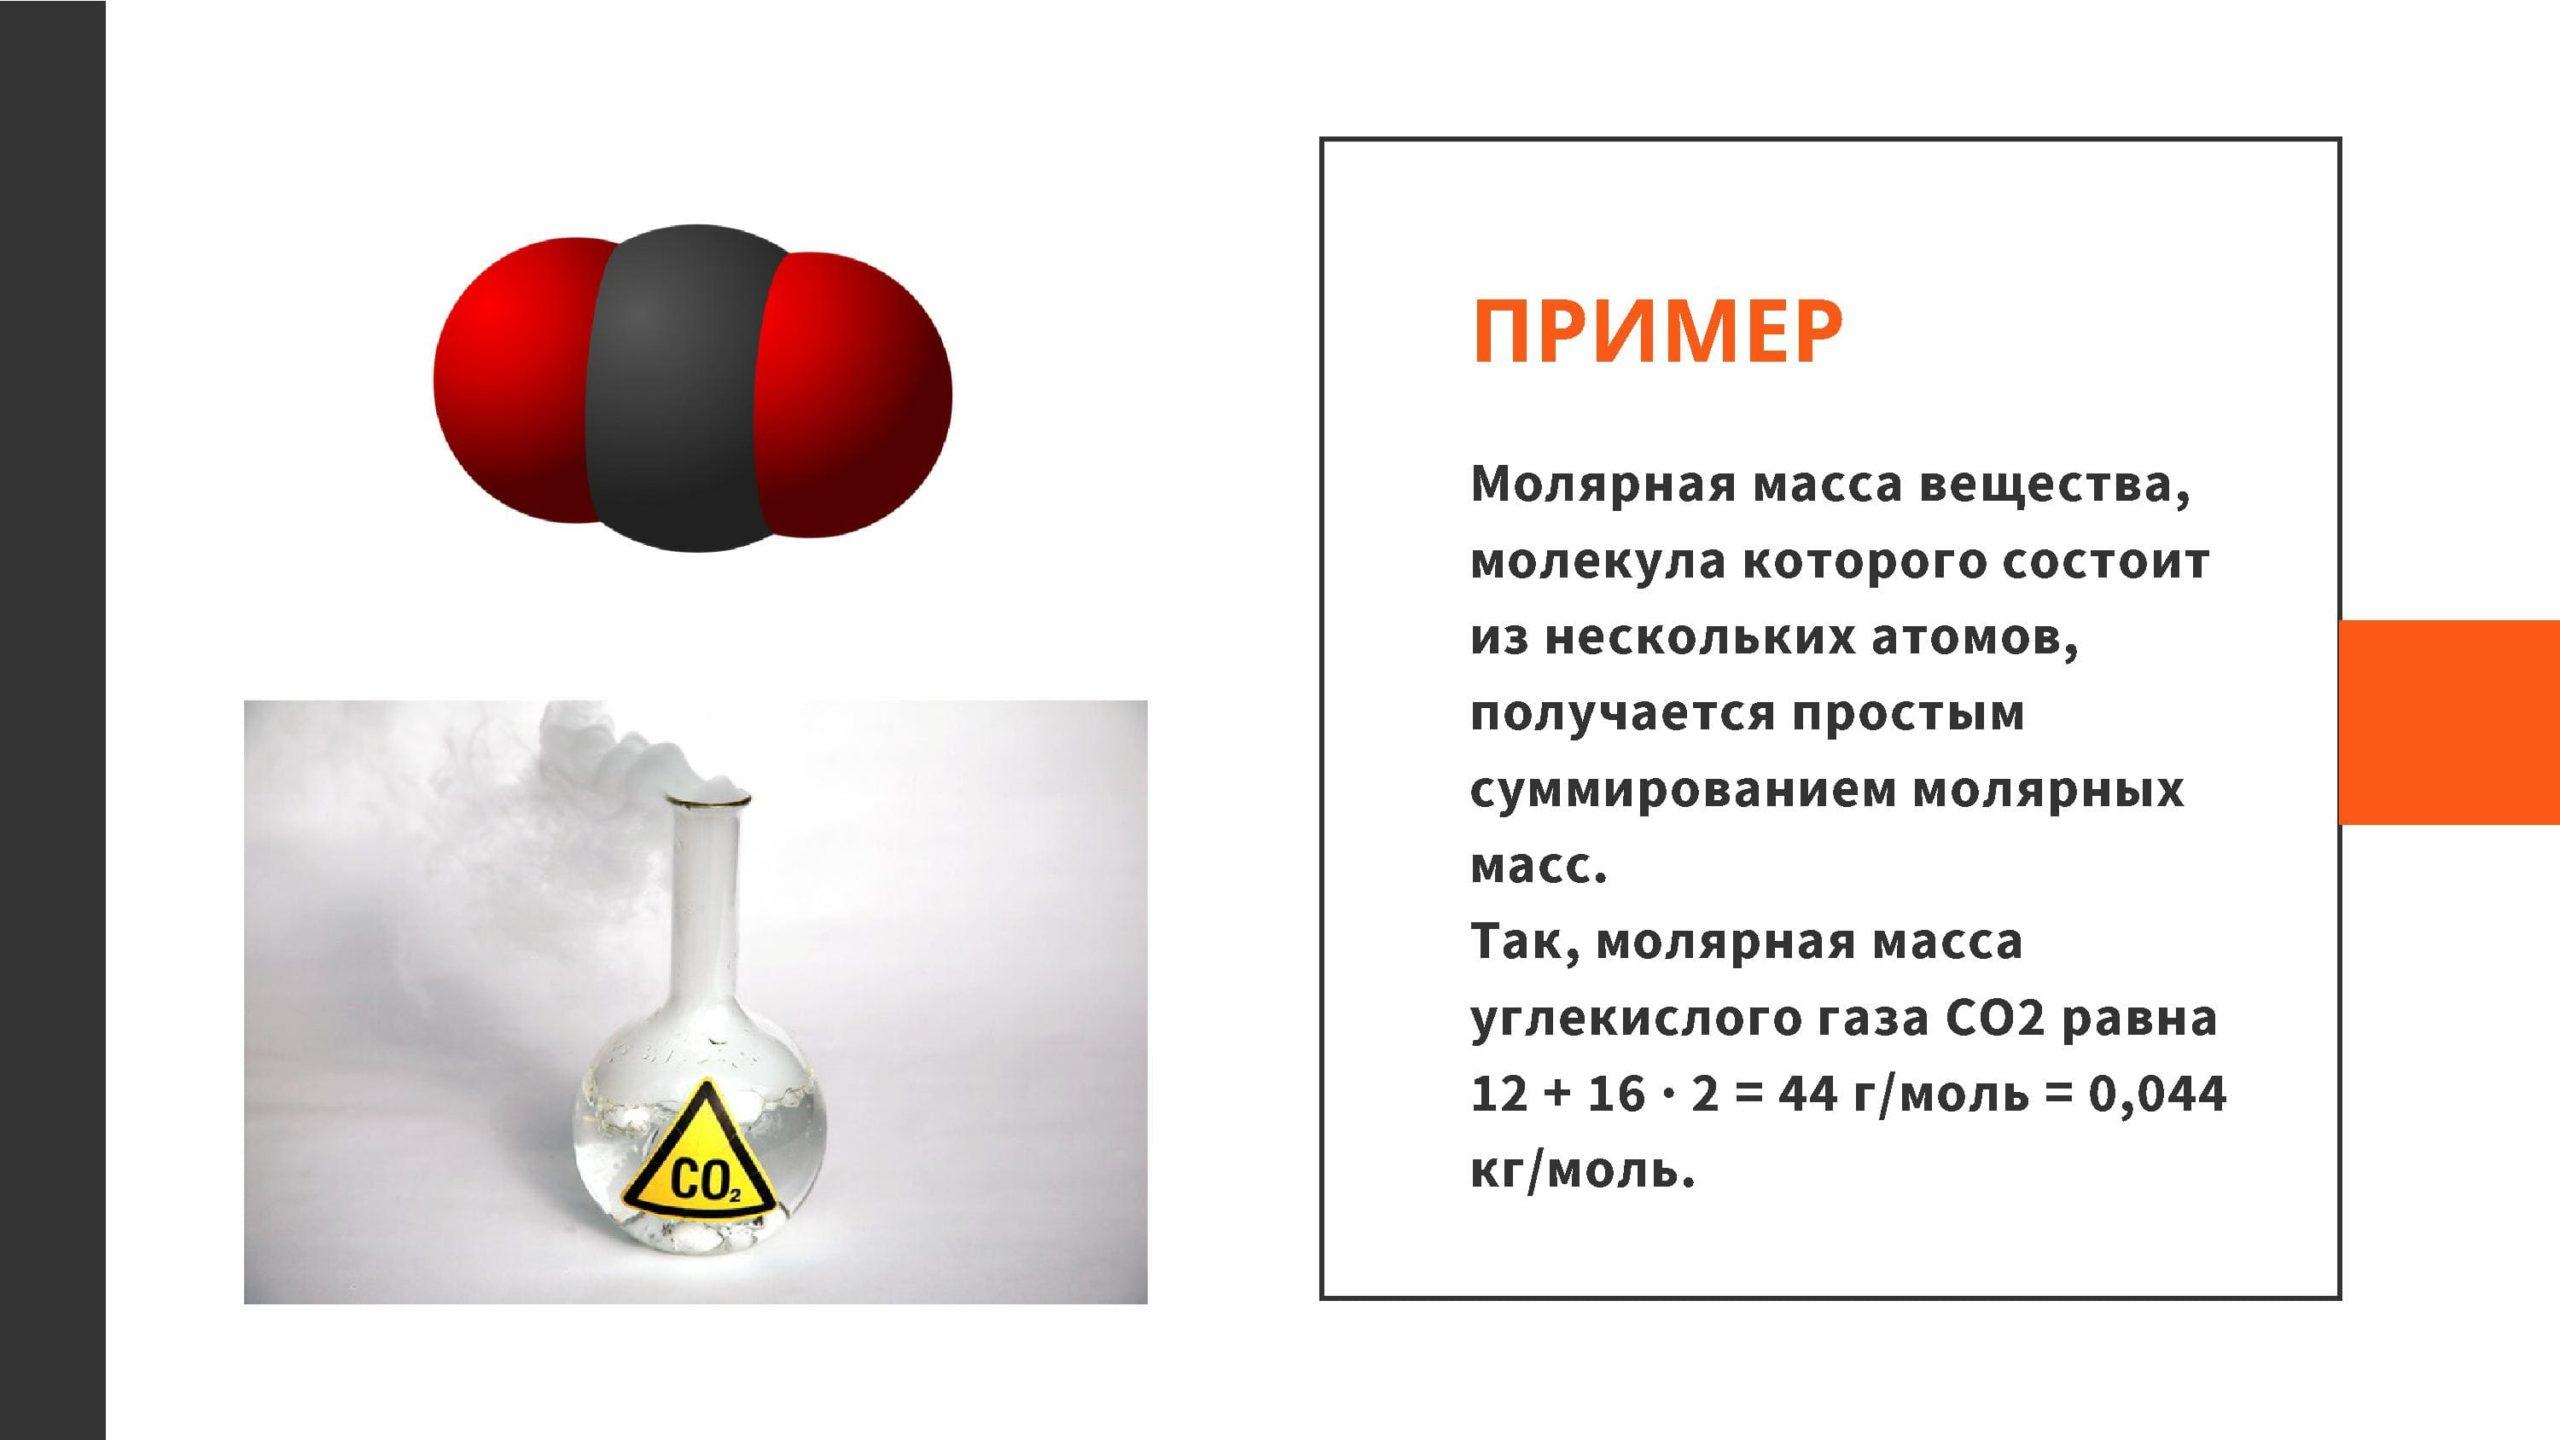 Пример. Молярная масса вещества, молекула которого состоит из нескольких атомов